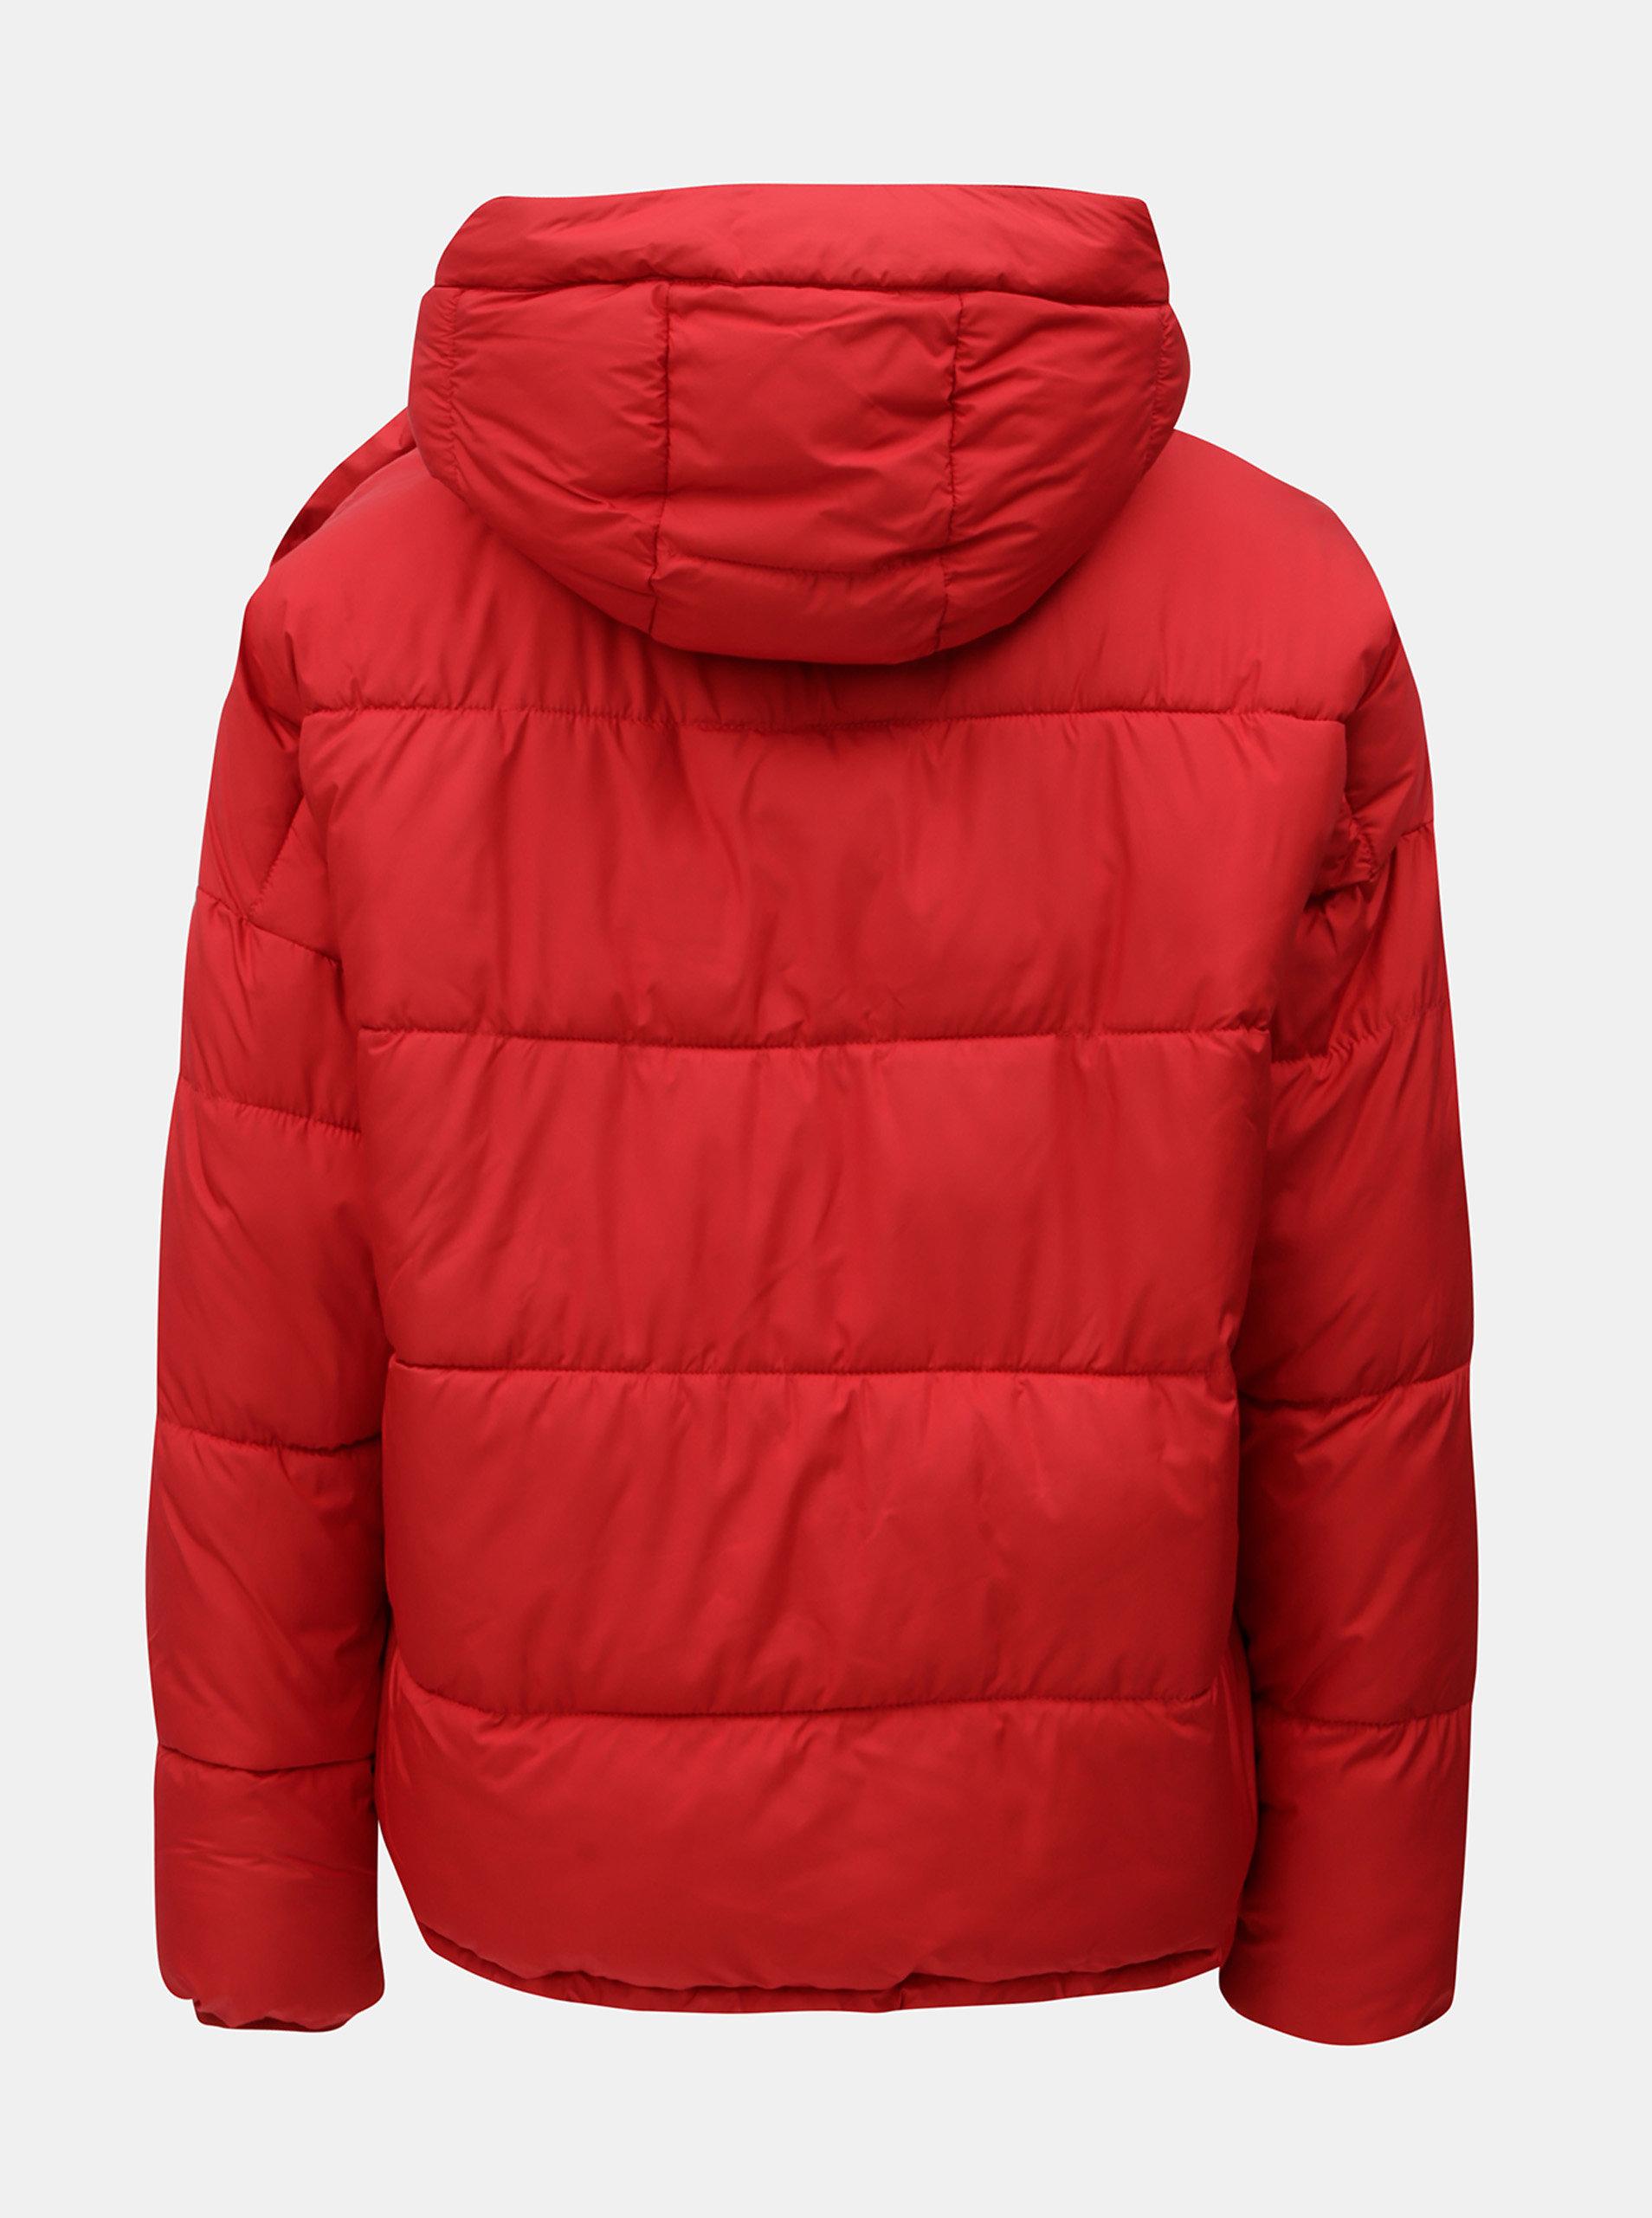 fdd4381335a2 Červená zimná bunda s odopínateľným šálom VERO MODA ...